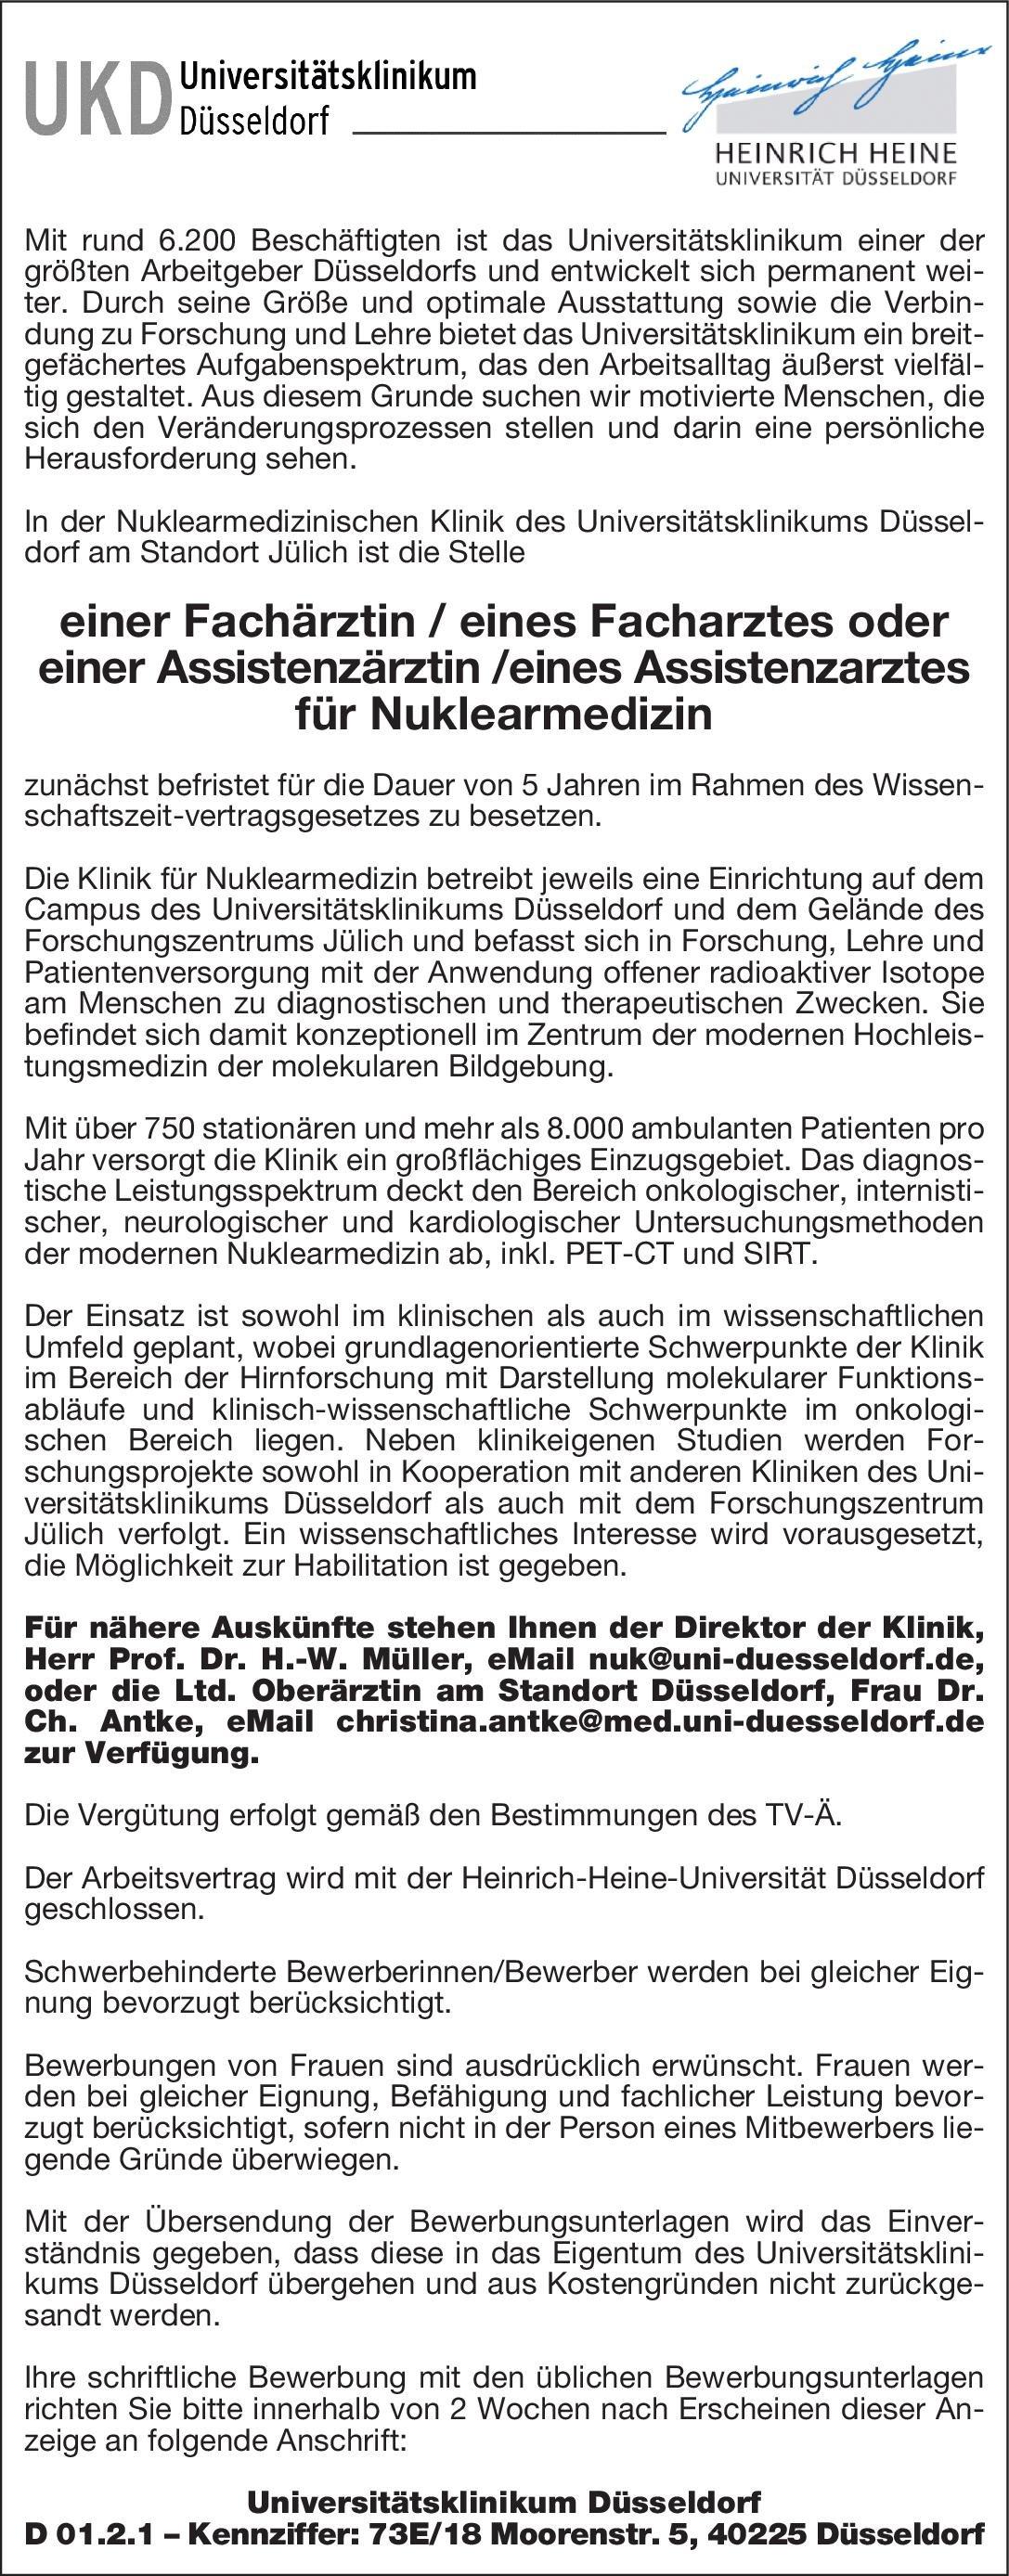 universittsklinikum dsseldorf fachrztinfacharzt oder assistenzrztinassistenzarzt fr nuklearmedizin nuklearmedizin arztfacharzt - Dusseldorf Uni Bewerbung